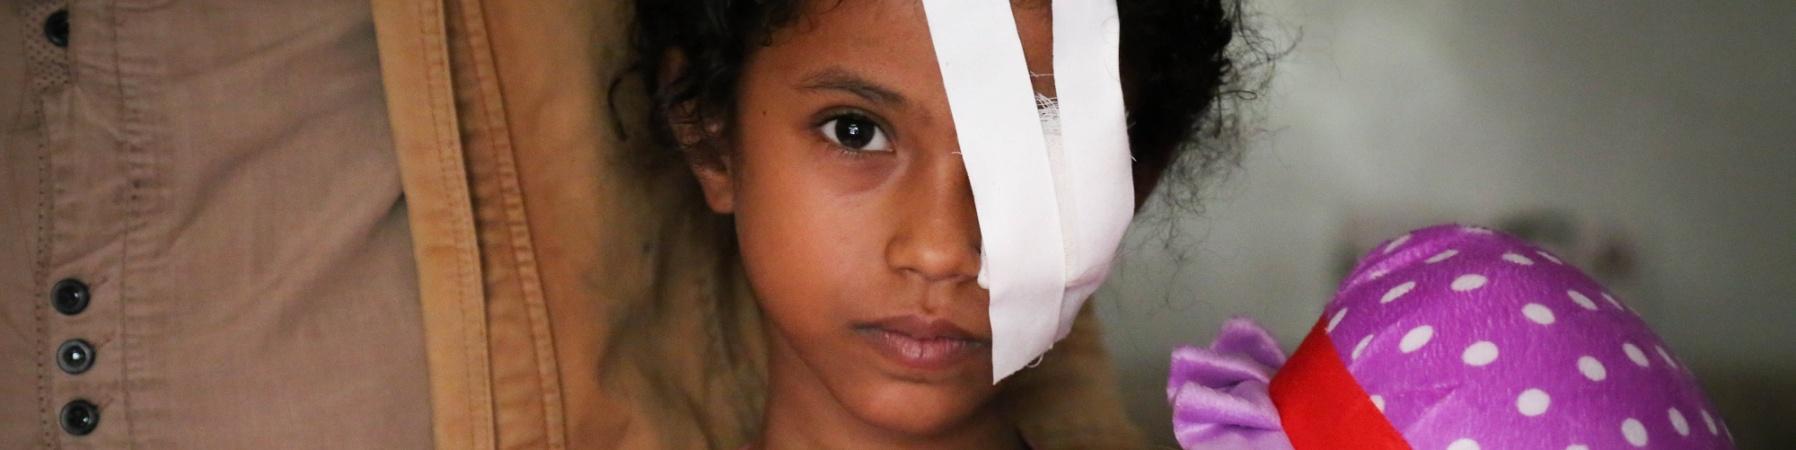 Bambina con benda su un occhio insieme al padre Yemen